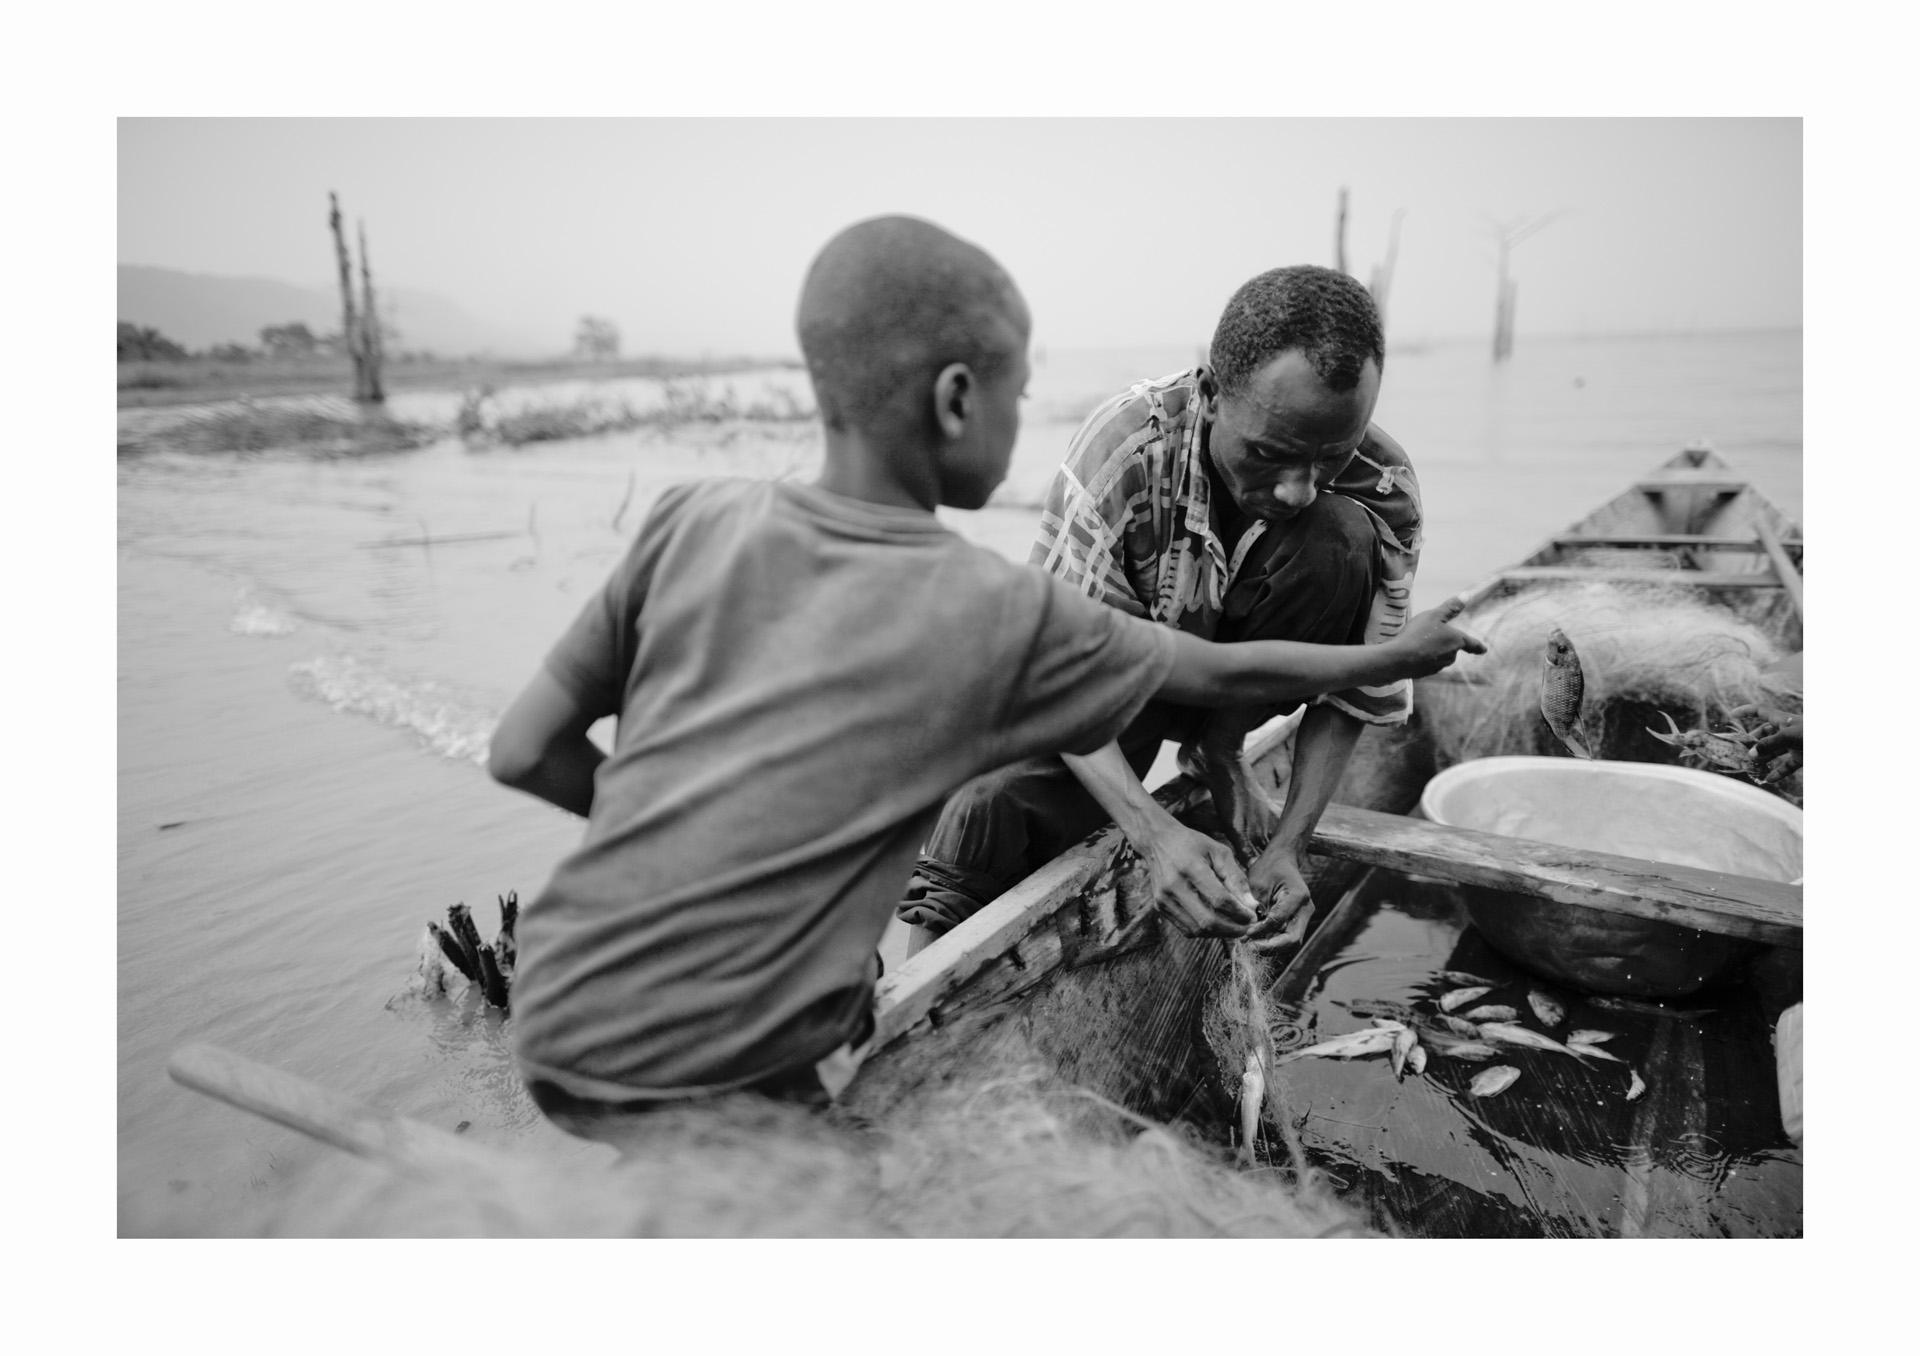 Bildspel Ghana UNICEF.